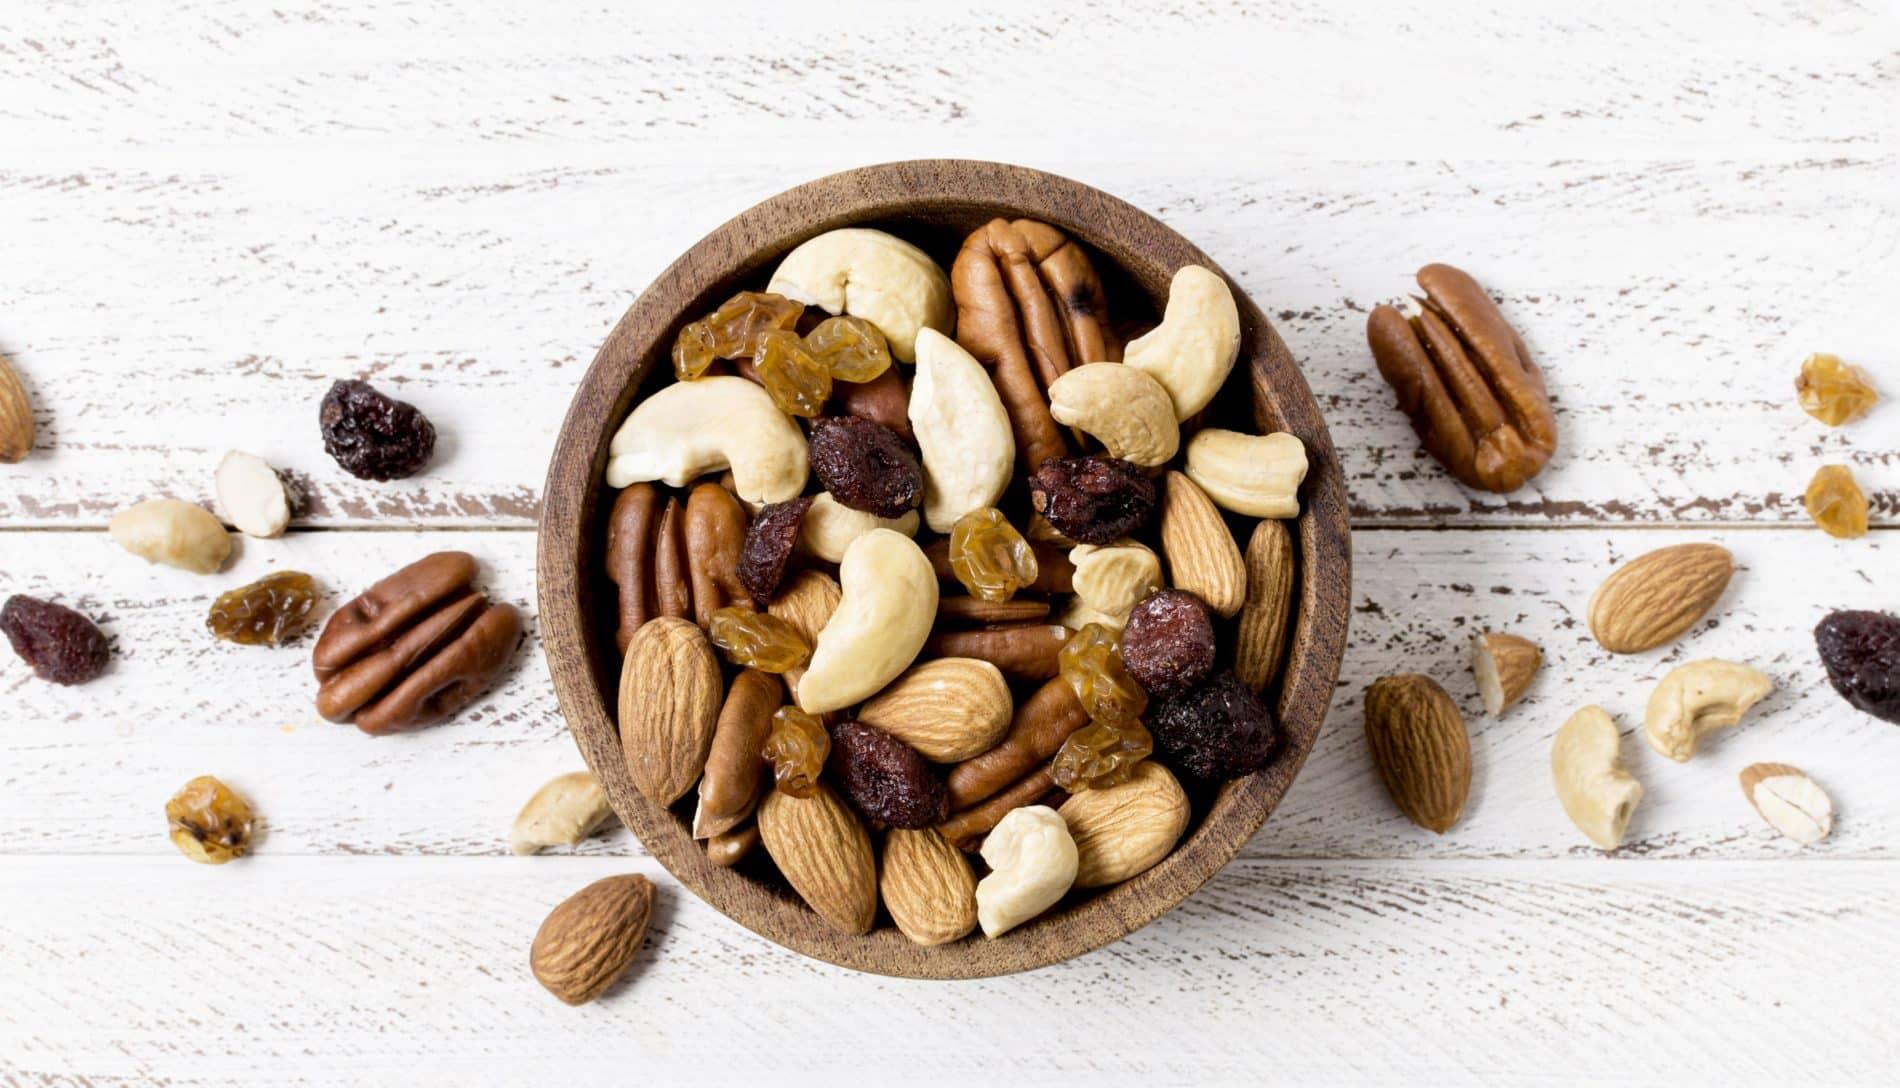 Beneficios de los frutos secos para mujeres embarazadas